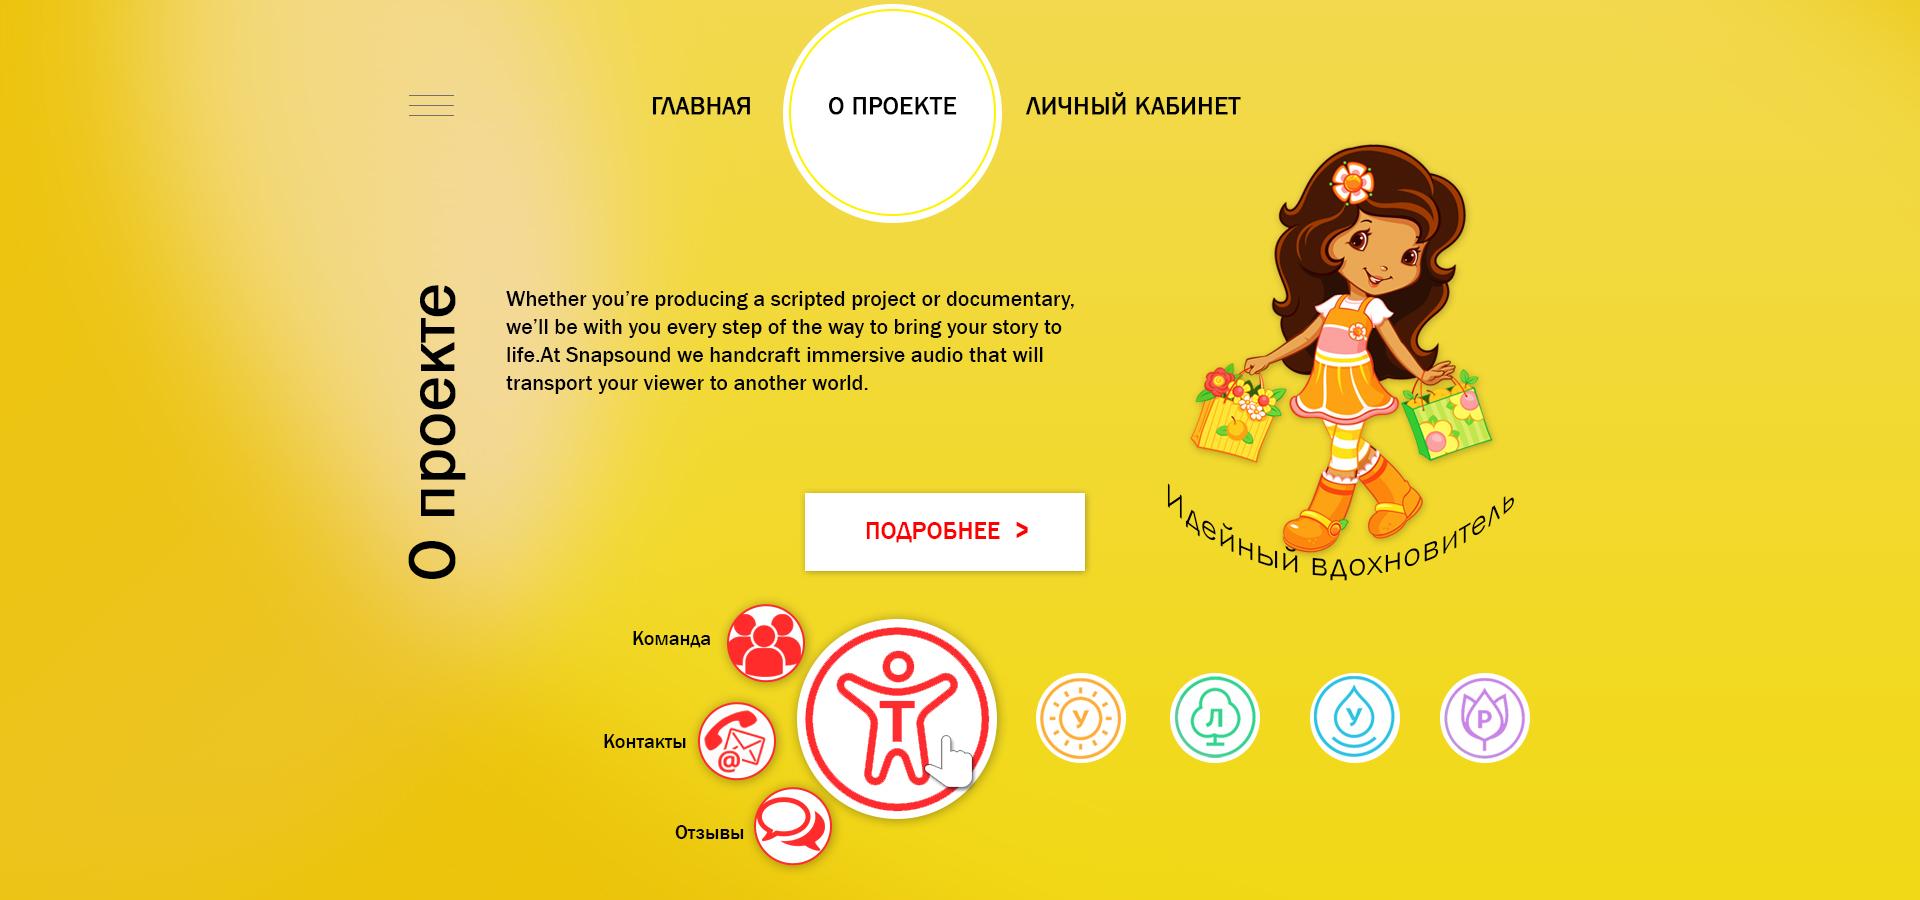 Креативный дизайн внутренней страницы портала для детей фото f_6695cfcb91e2c82c.jpg